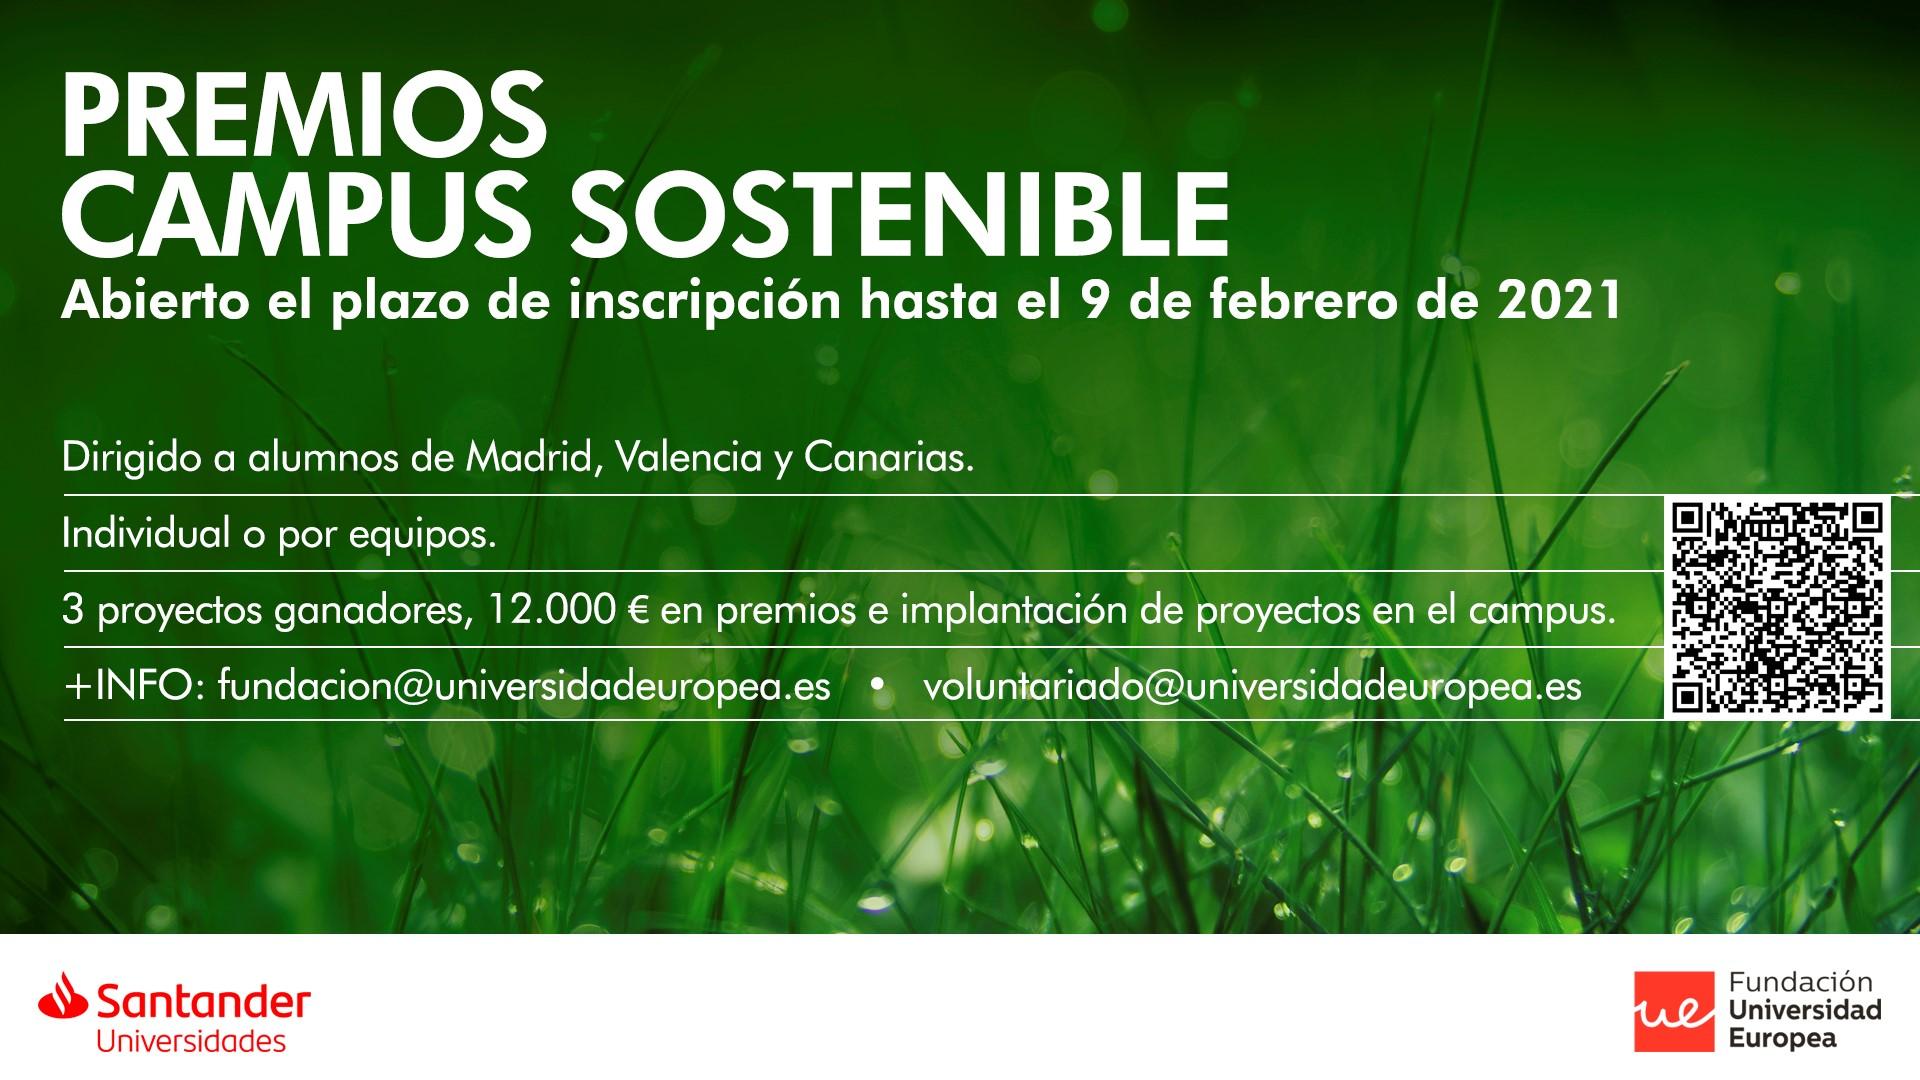 Premio campus sostenible